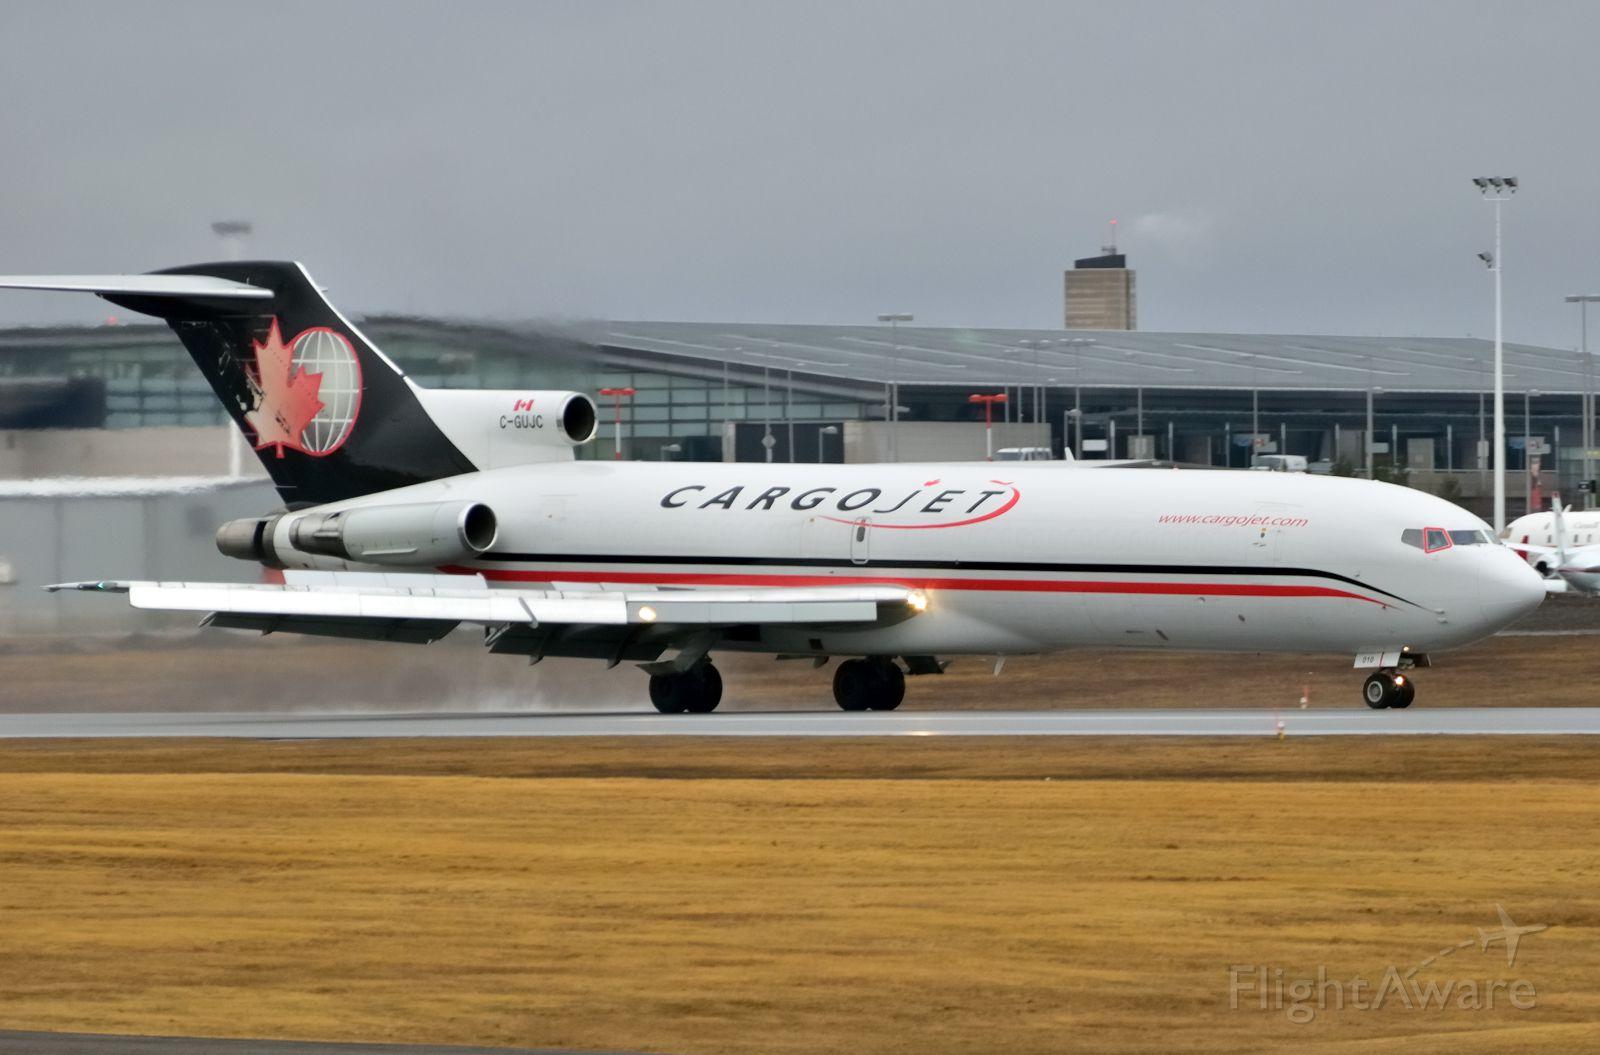 BOEING 727-200 (C-GUJC)